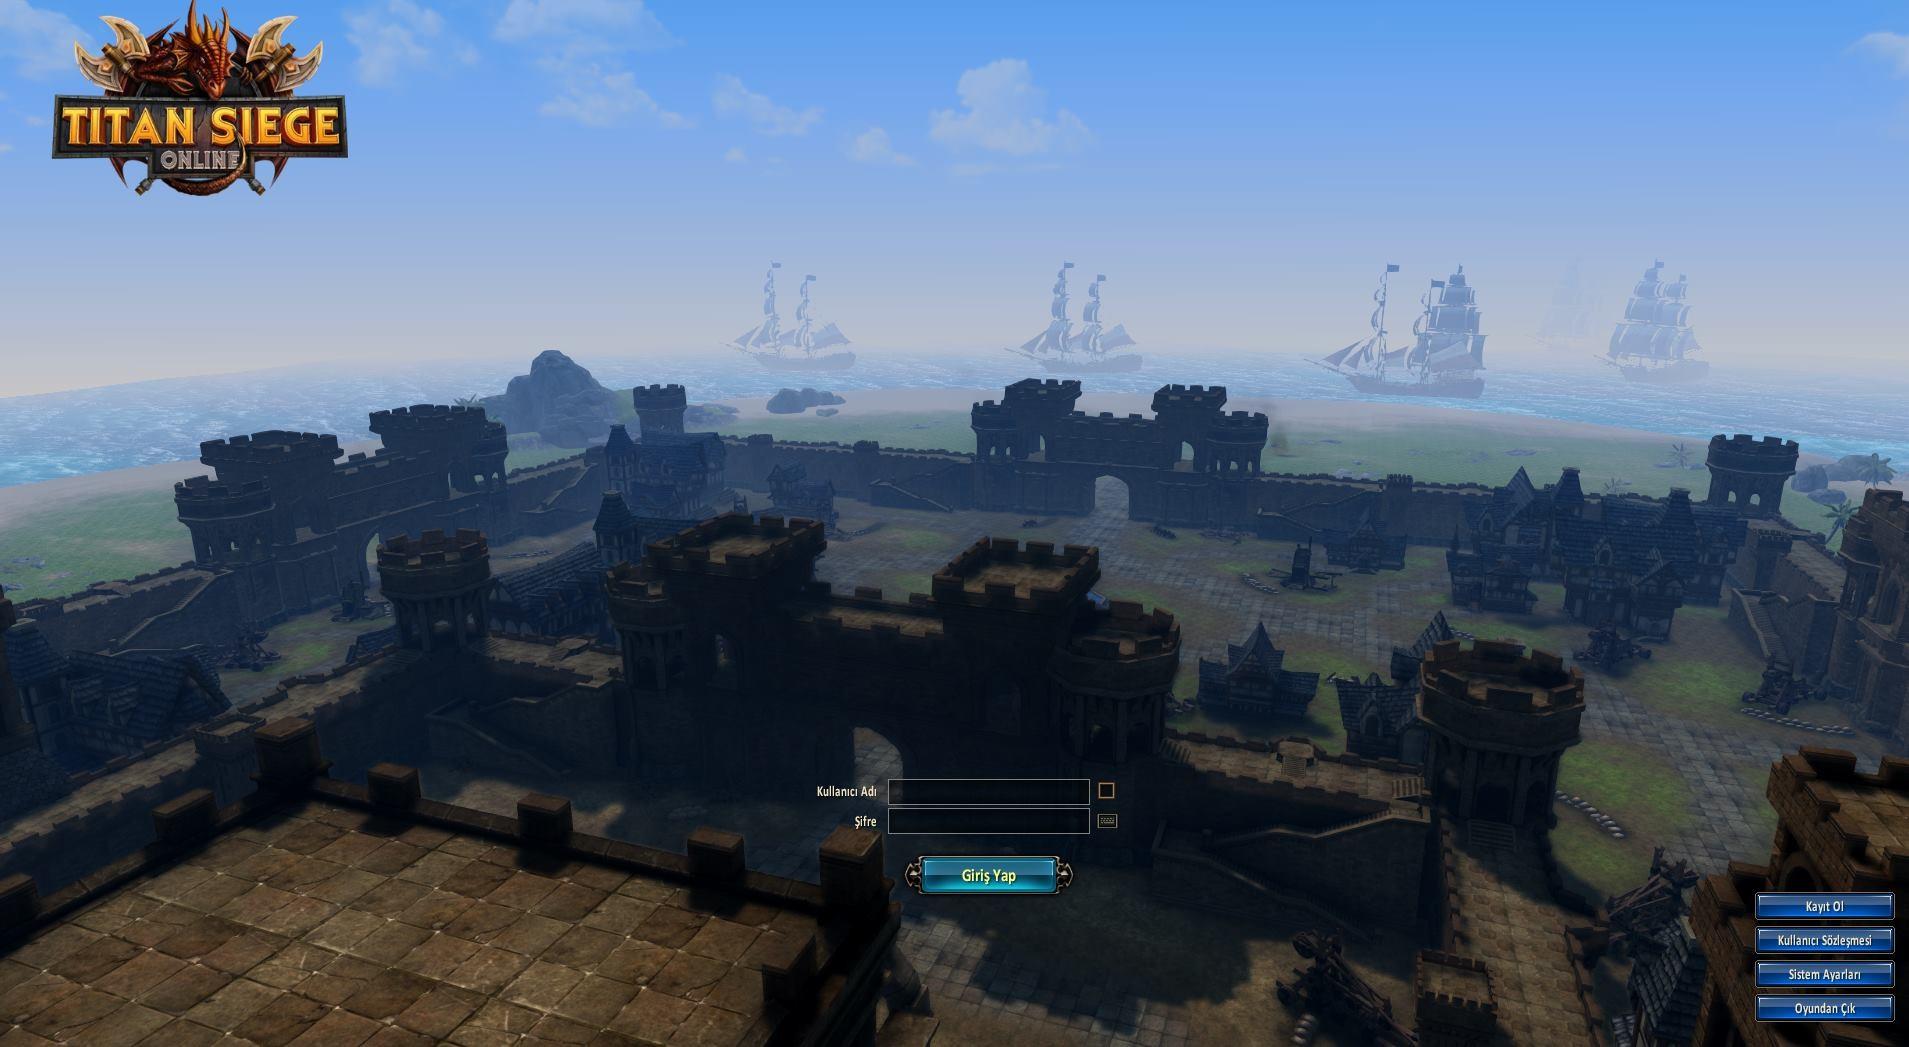 Konu başlığı: MMORPG Titan Siege Online 80Lv Güncellemesi ve Süper Etkinlikler